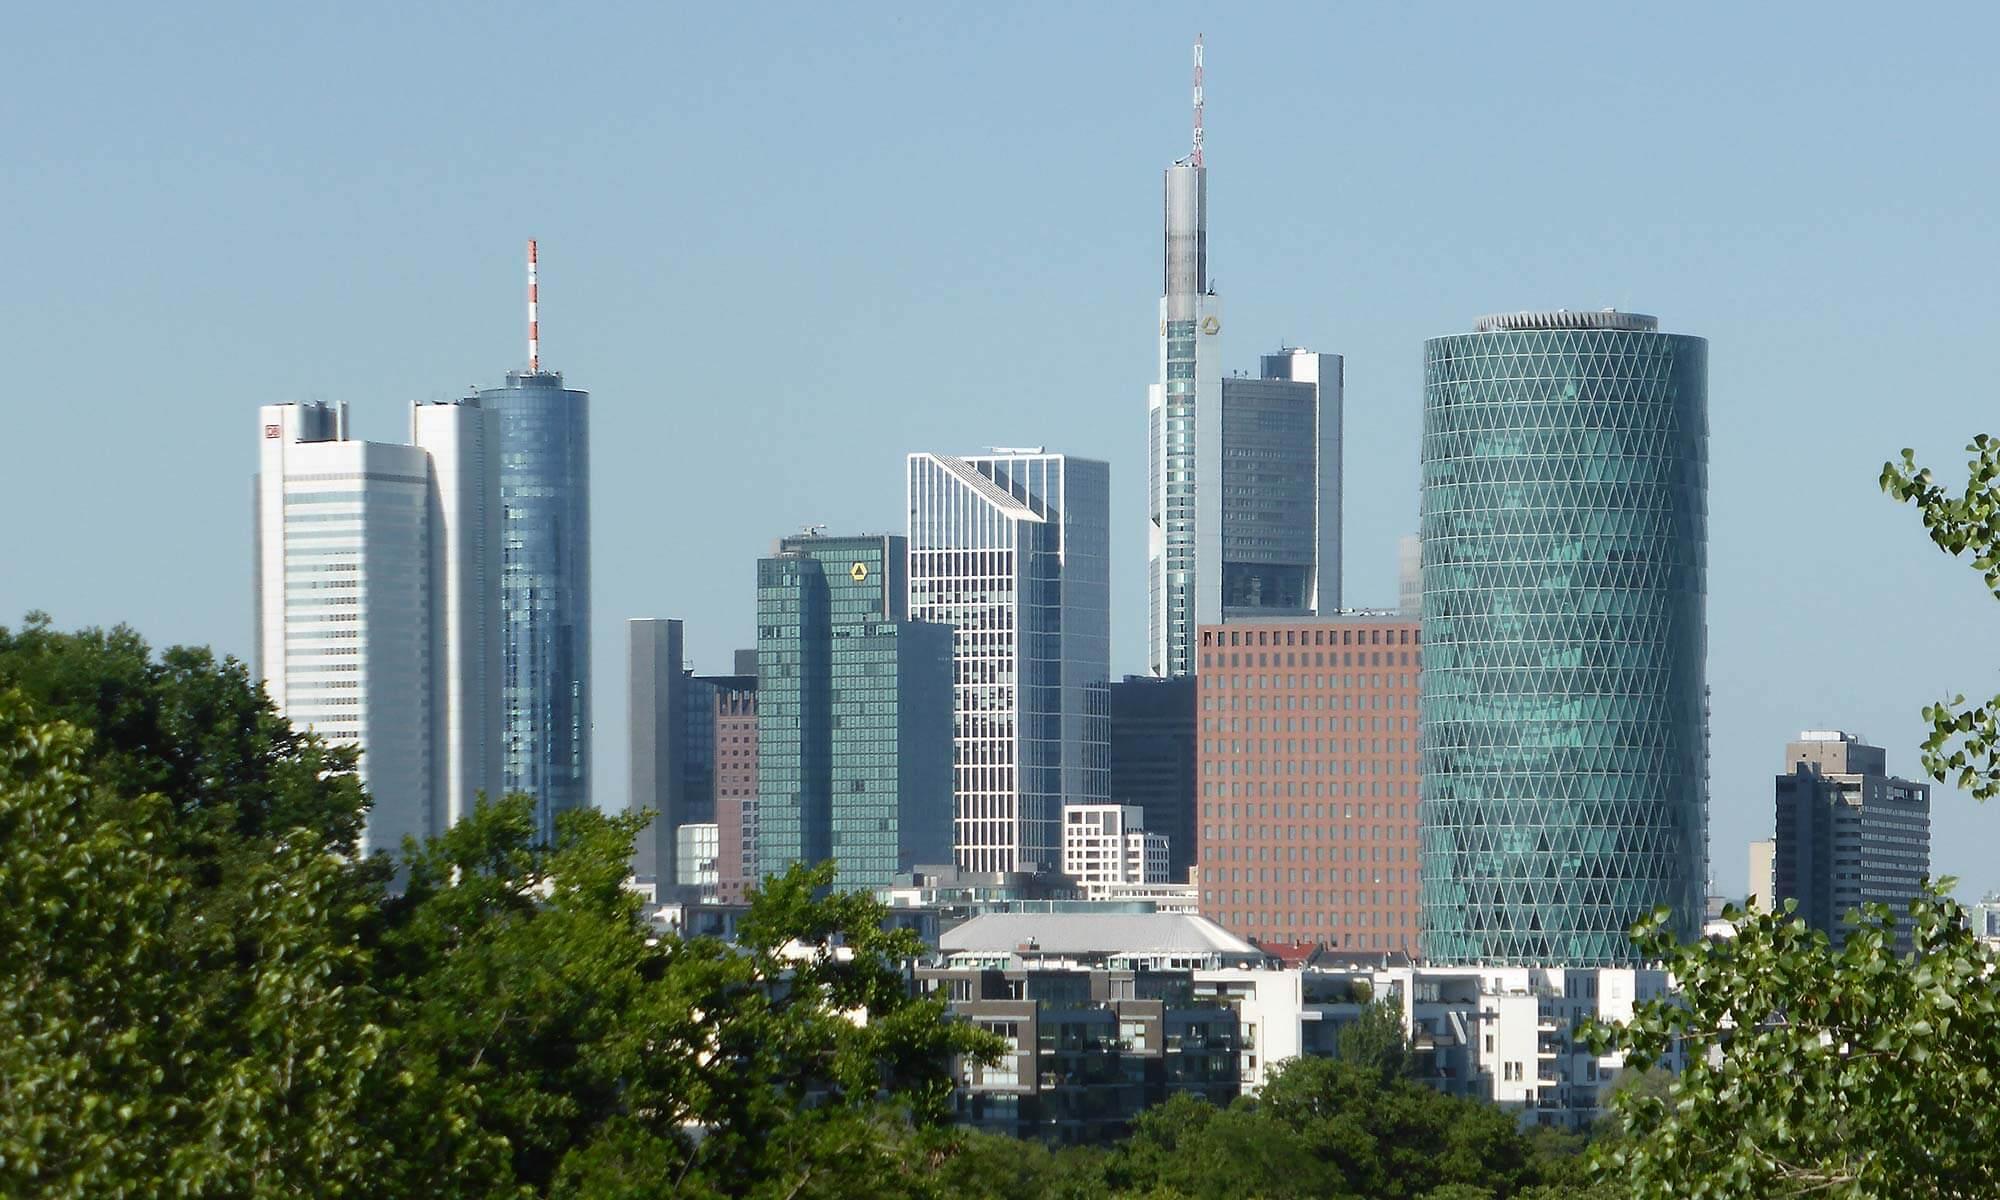 Wolkenkratzer in Mainhattan Frankfurt - von der Uniklinik aus gesehen im Jahr 2016